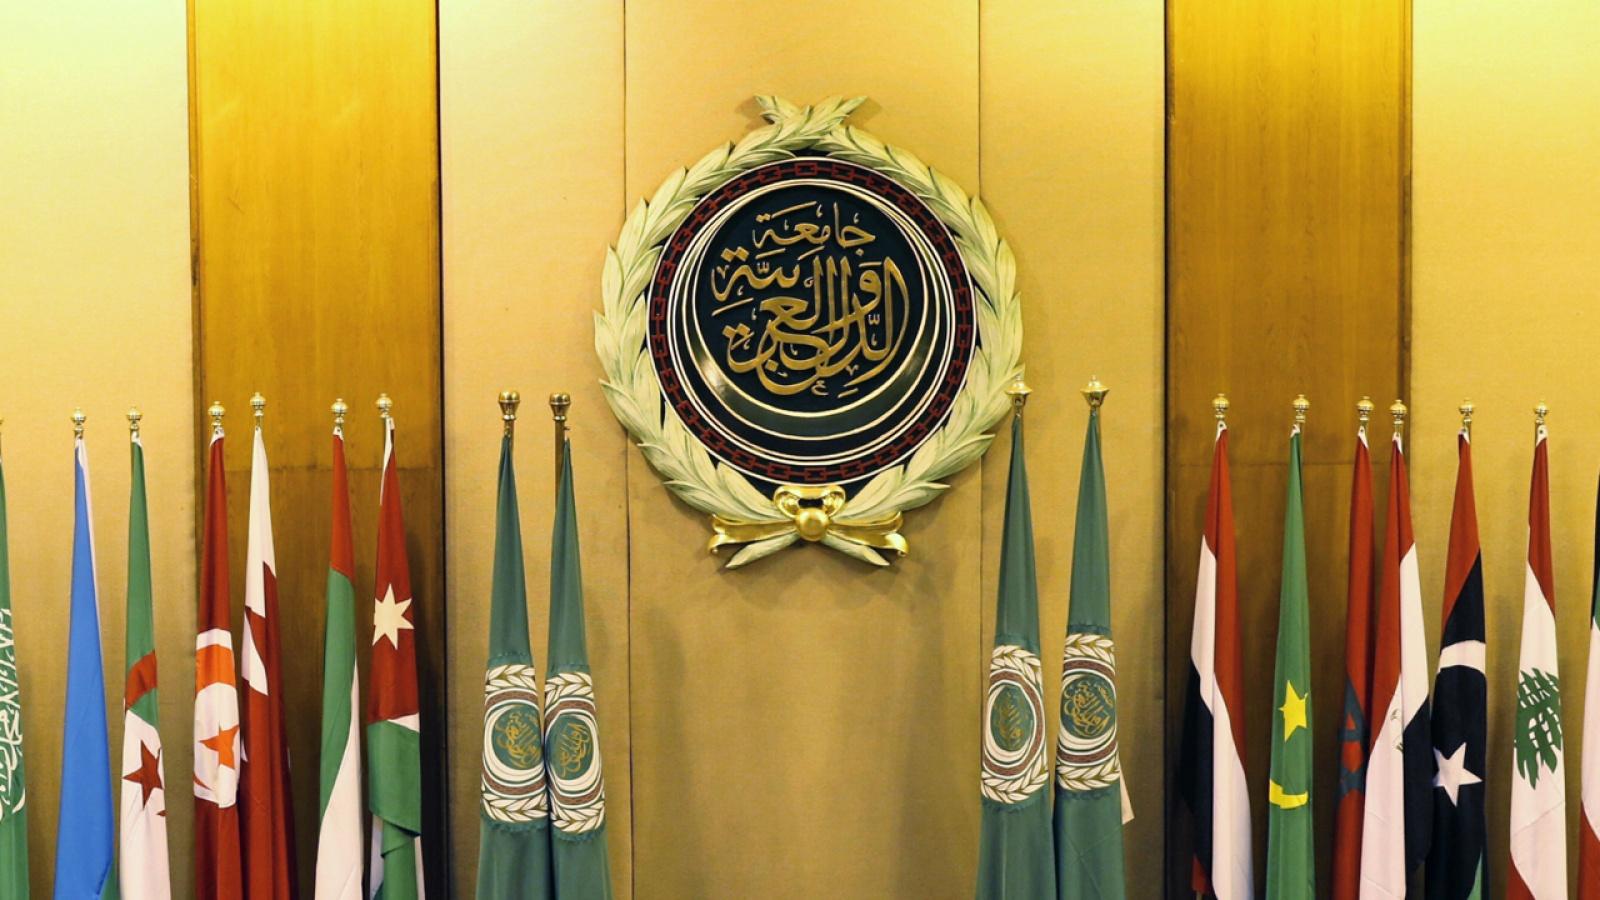 مسؤل كبيرالجامعة العربية ظاهرة صوتية